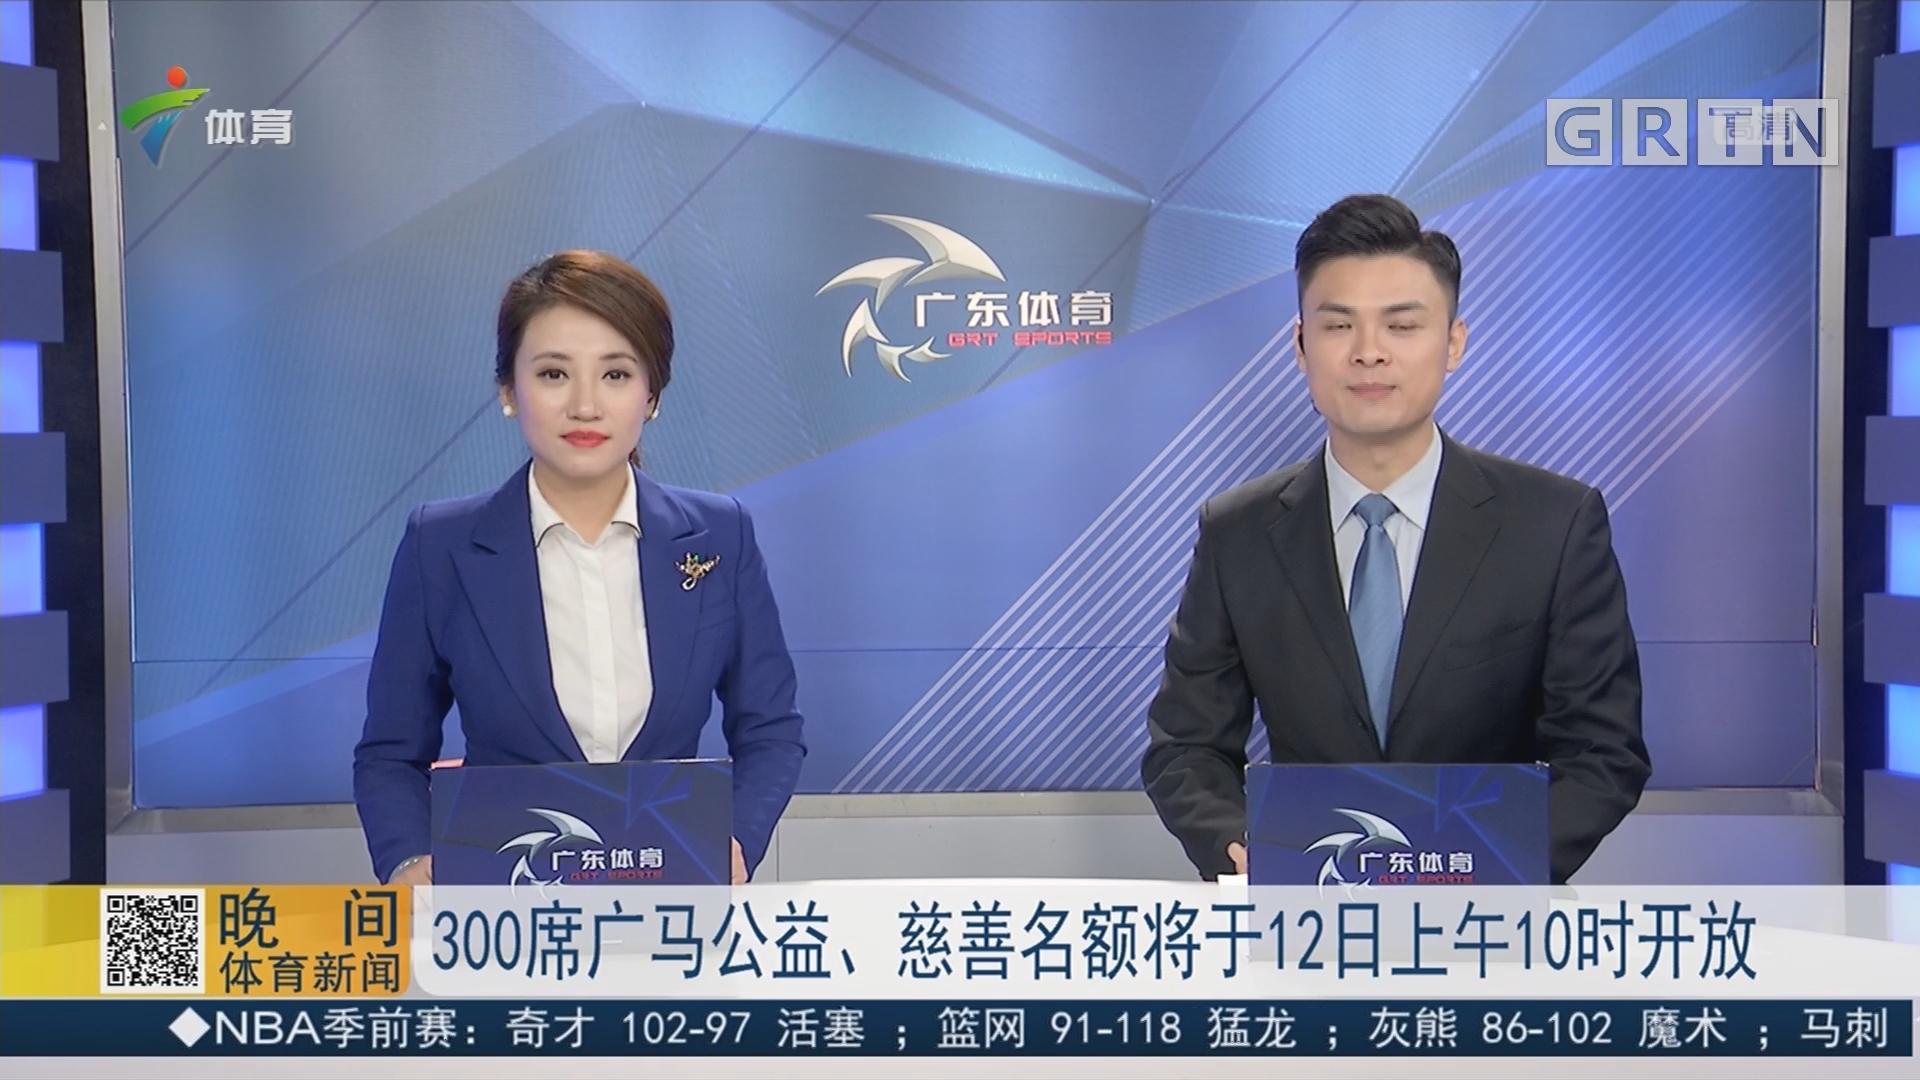 300席广马公益、慈善名额将于12日上午10时开放